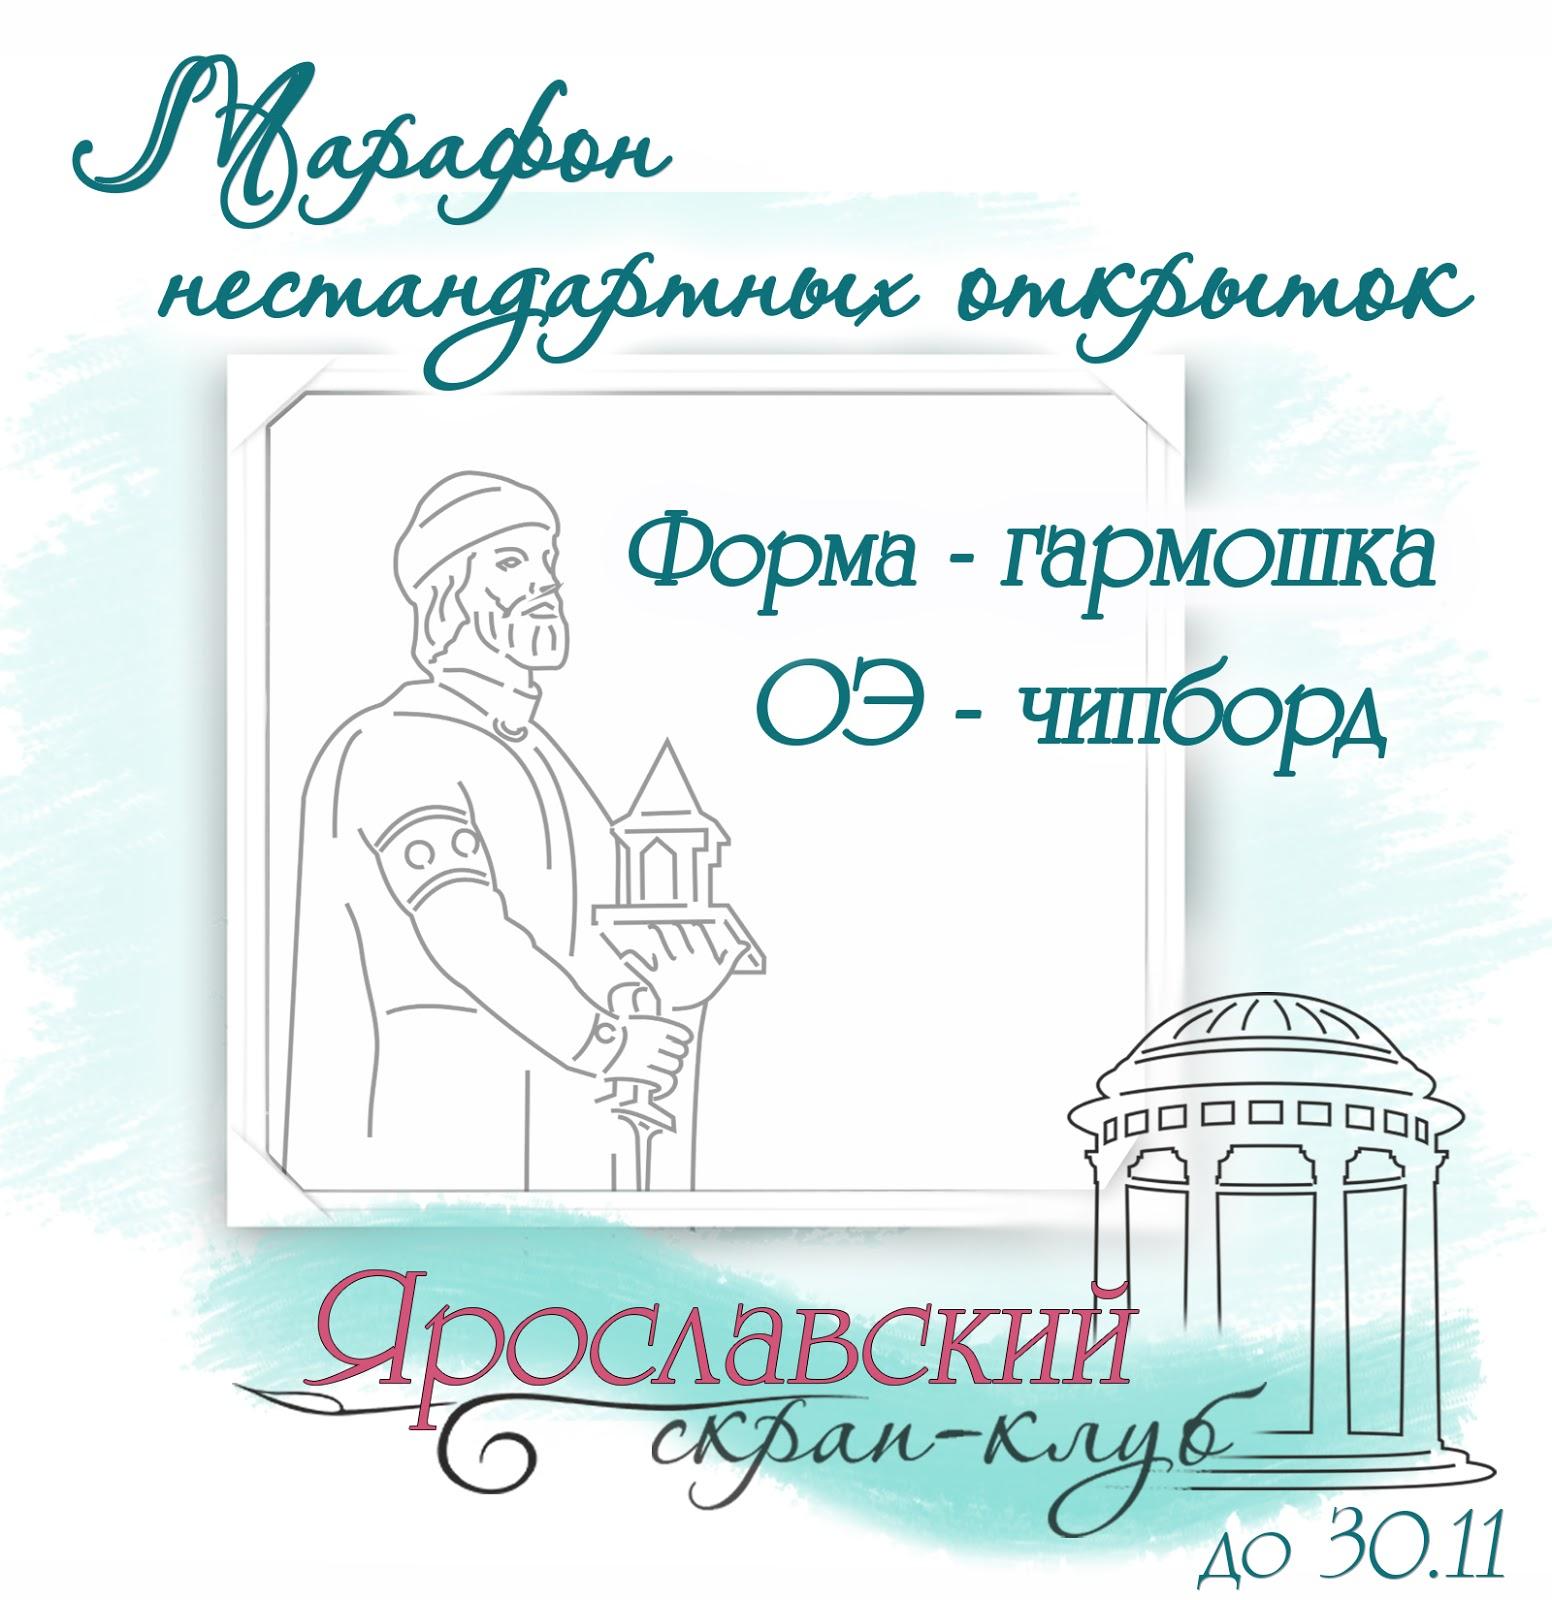 Марафон нестандартных открыток: гармошка до 30.11.2018